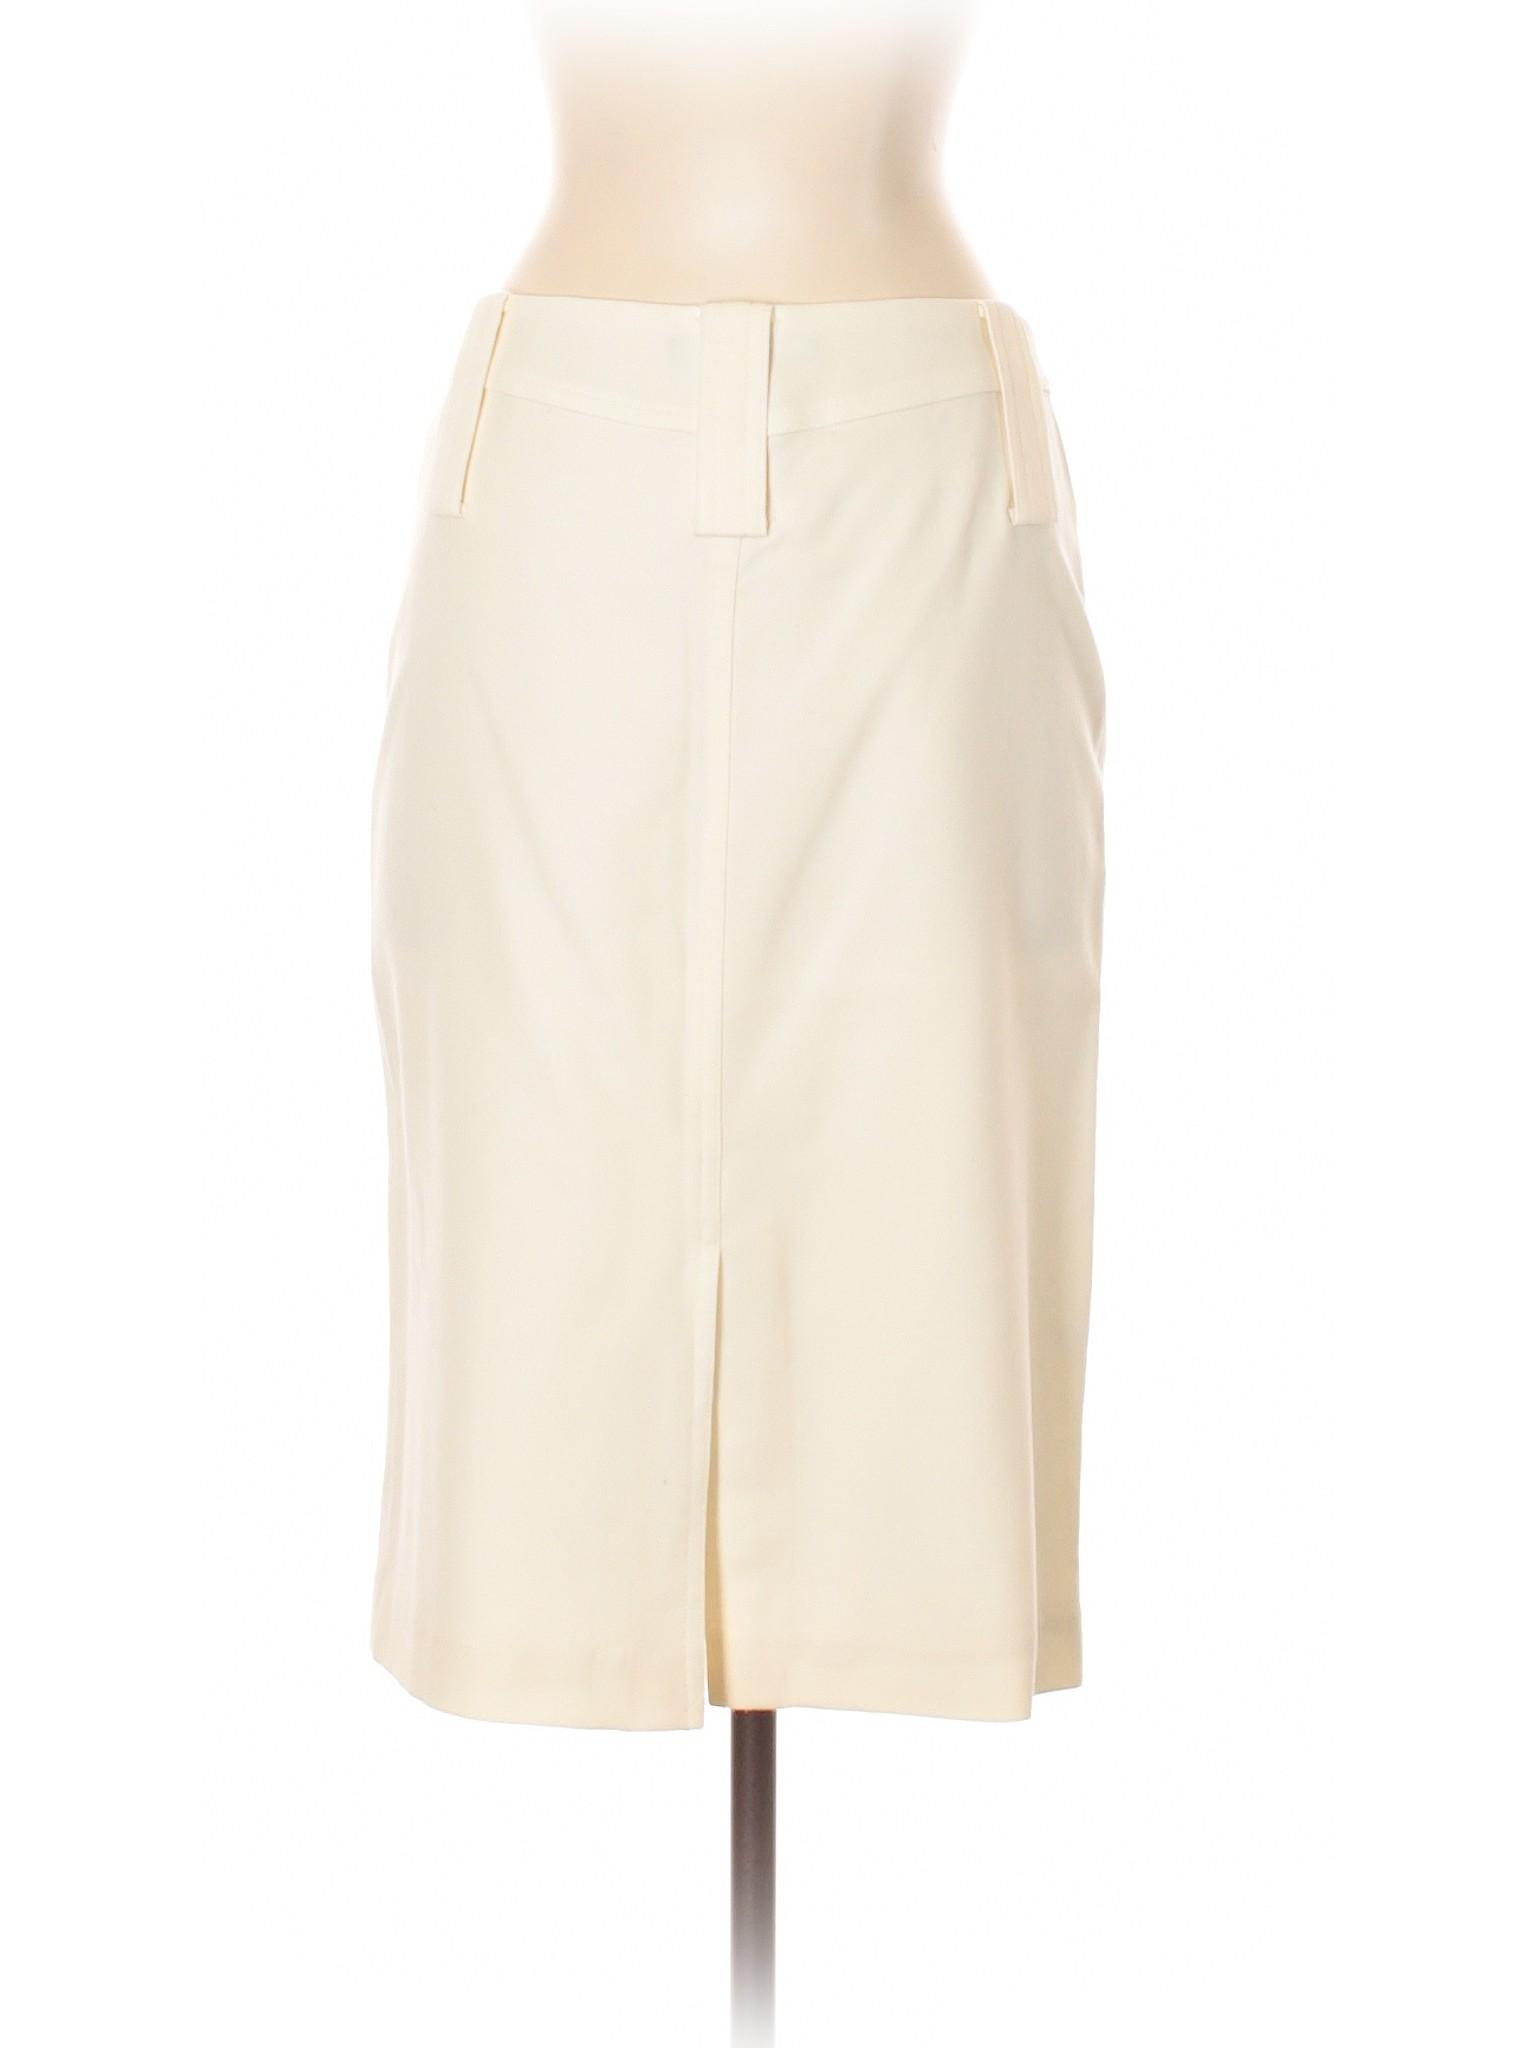 Wool Express Skirt Boutique Boutique Skirt Wool Express 74vq1Z